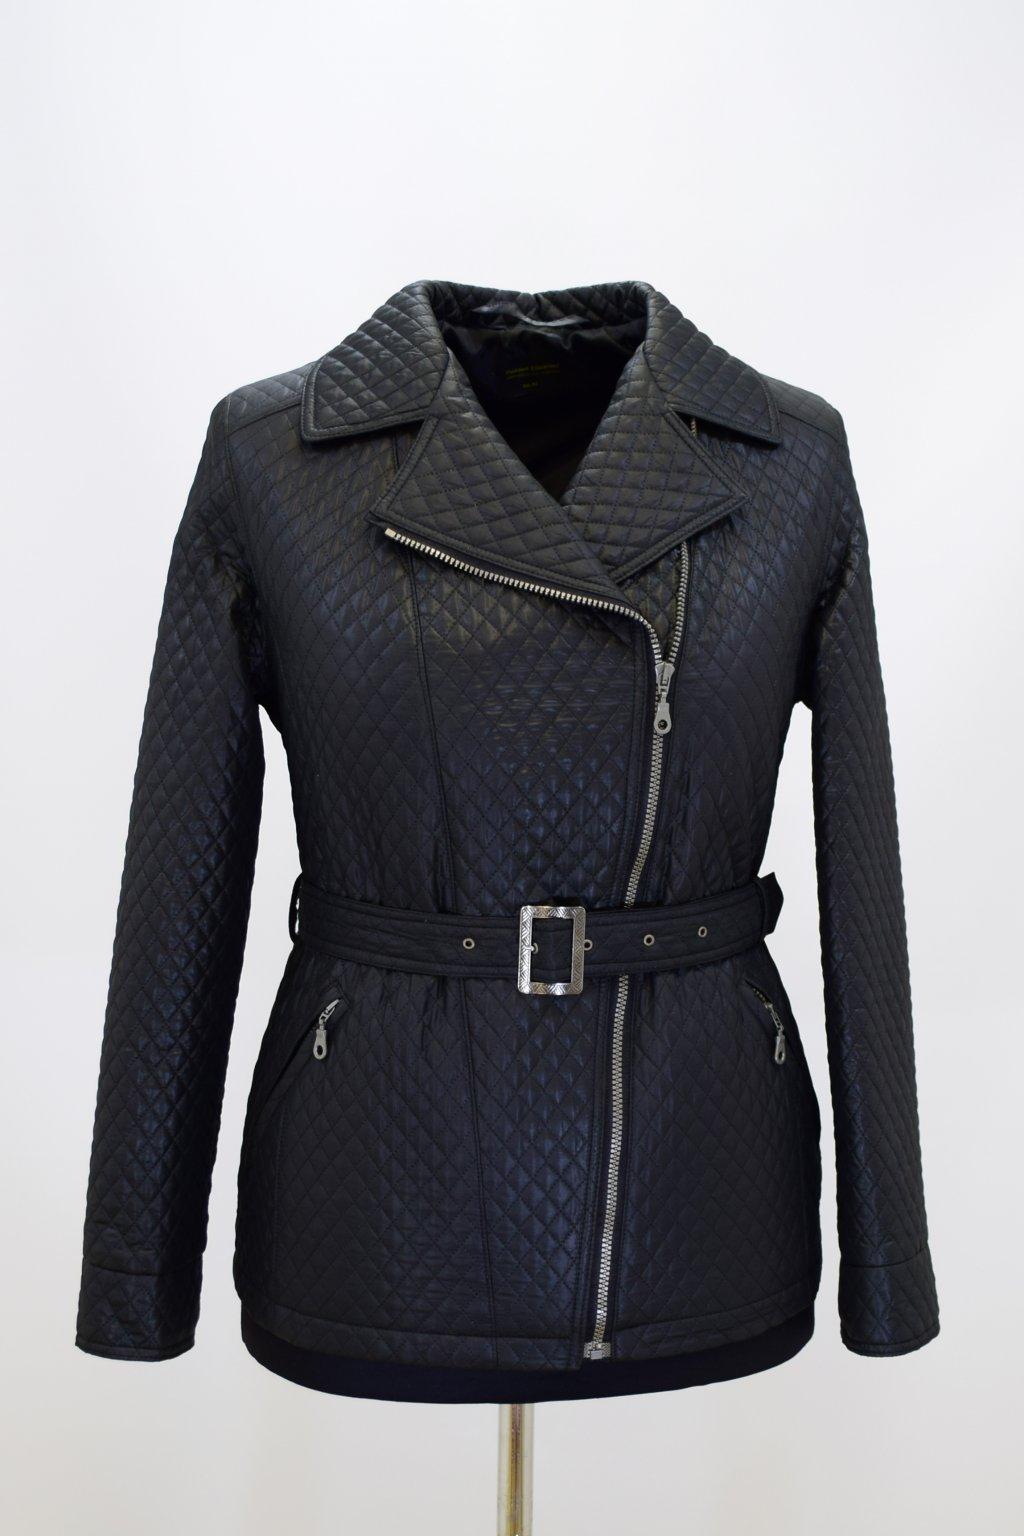 Dámský přechodový černý kabátek Zora nadměrné velikosti